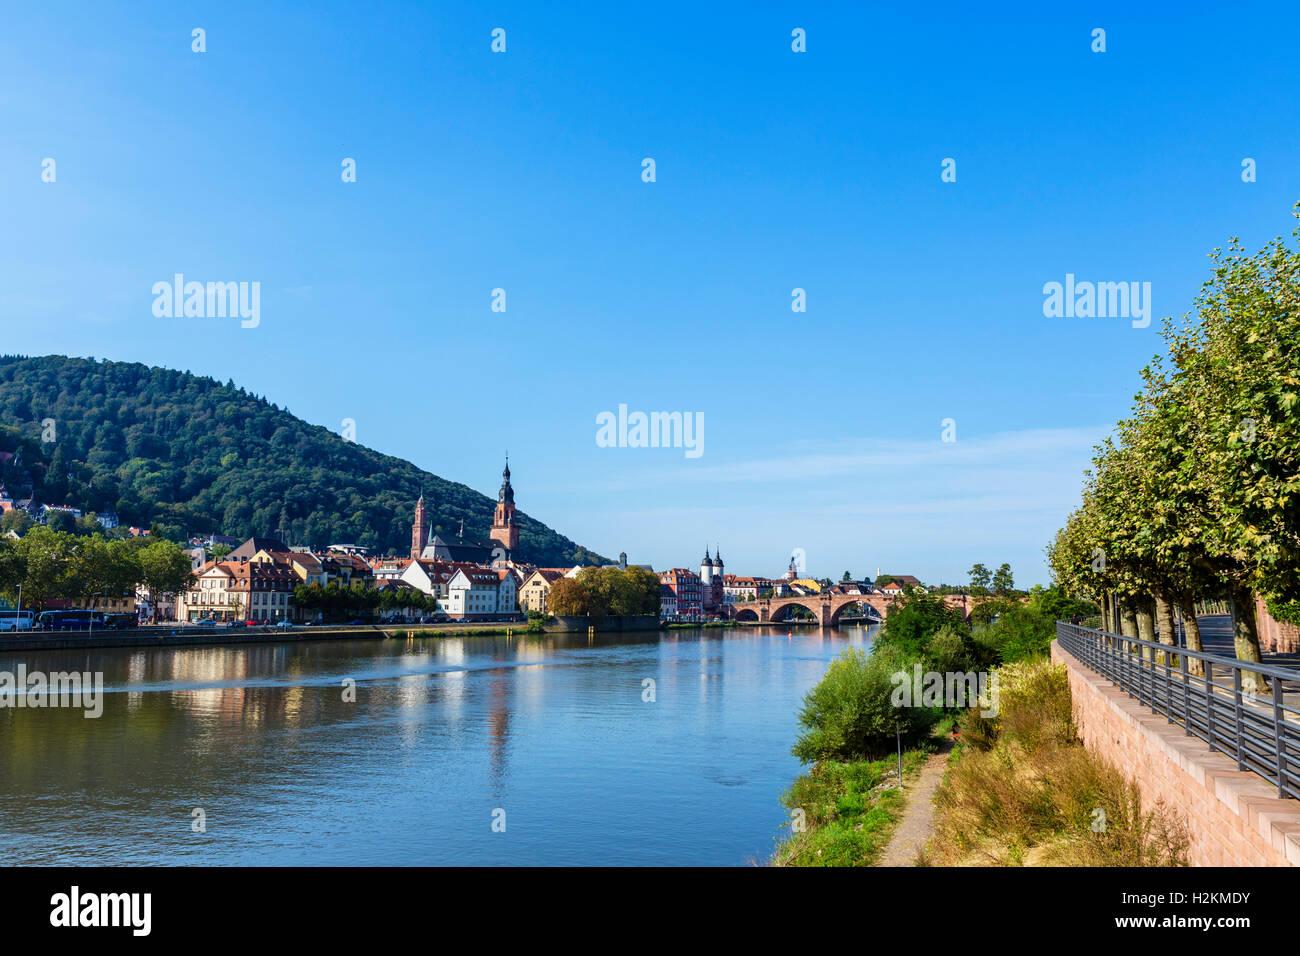 Der Fluss Necke mit Blick auf die Altstadt und die alte Brücke, Heidelberg, Baden-Württemberg, Deutschland Stockbild